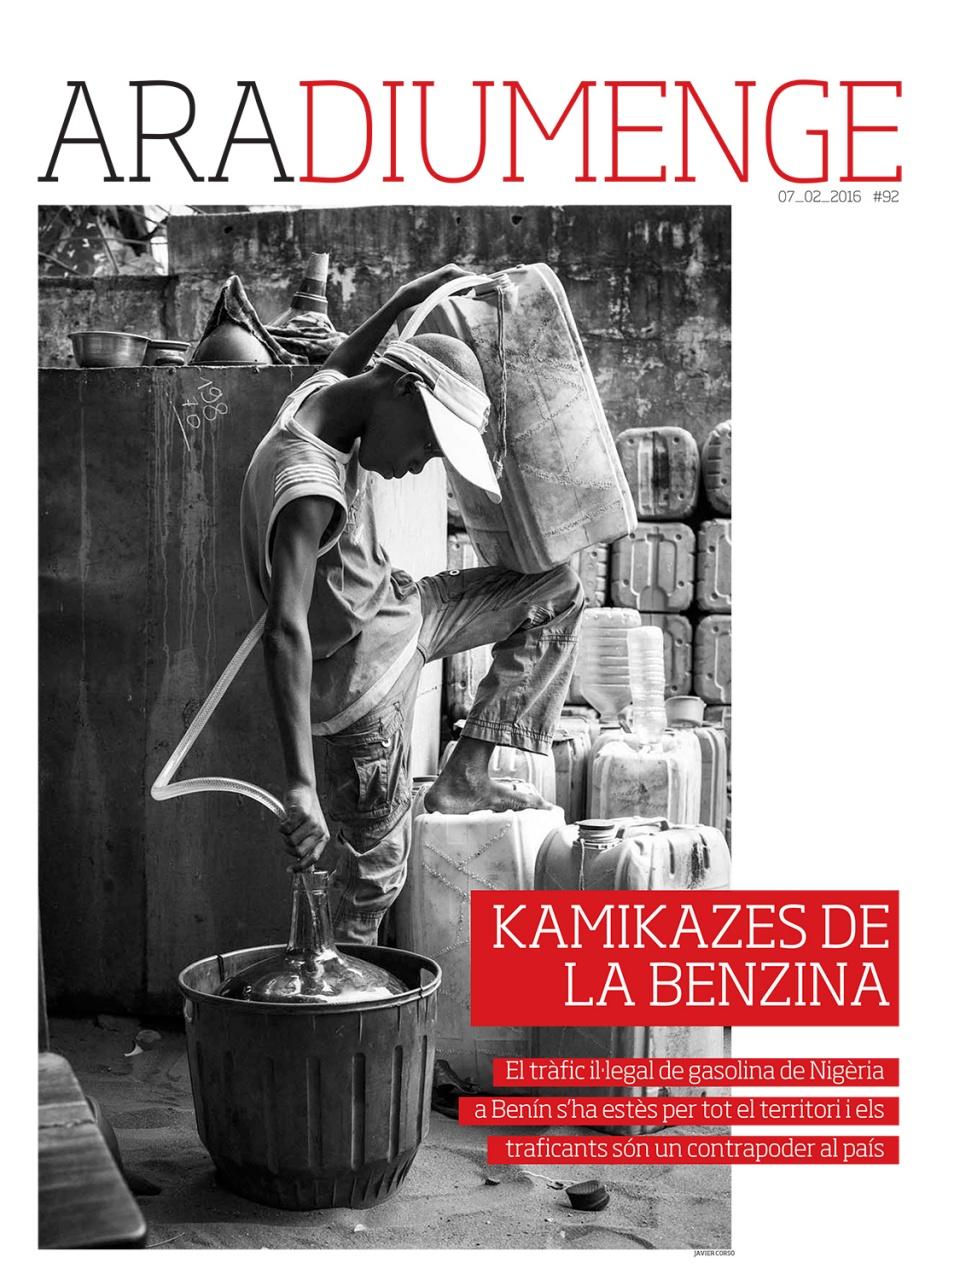 ARA Diumenge (cover)